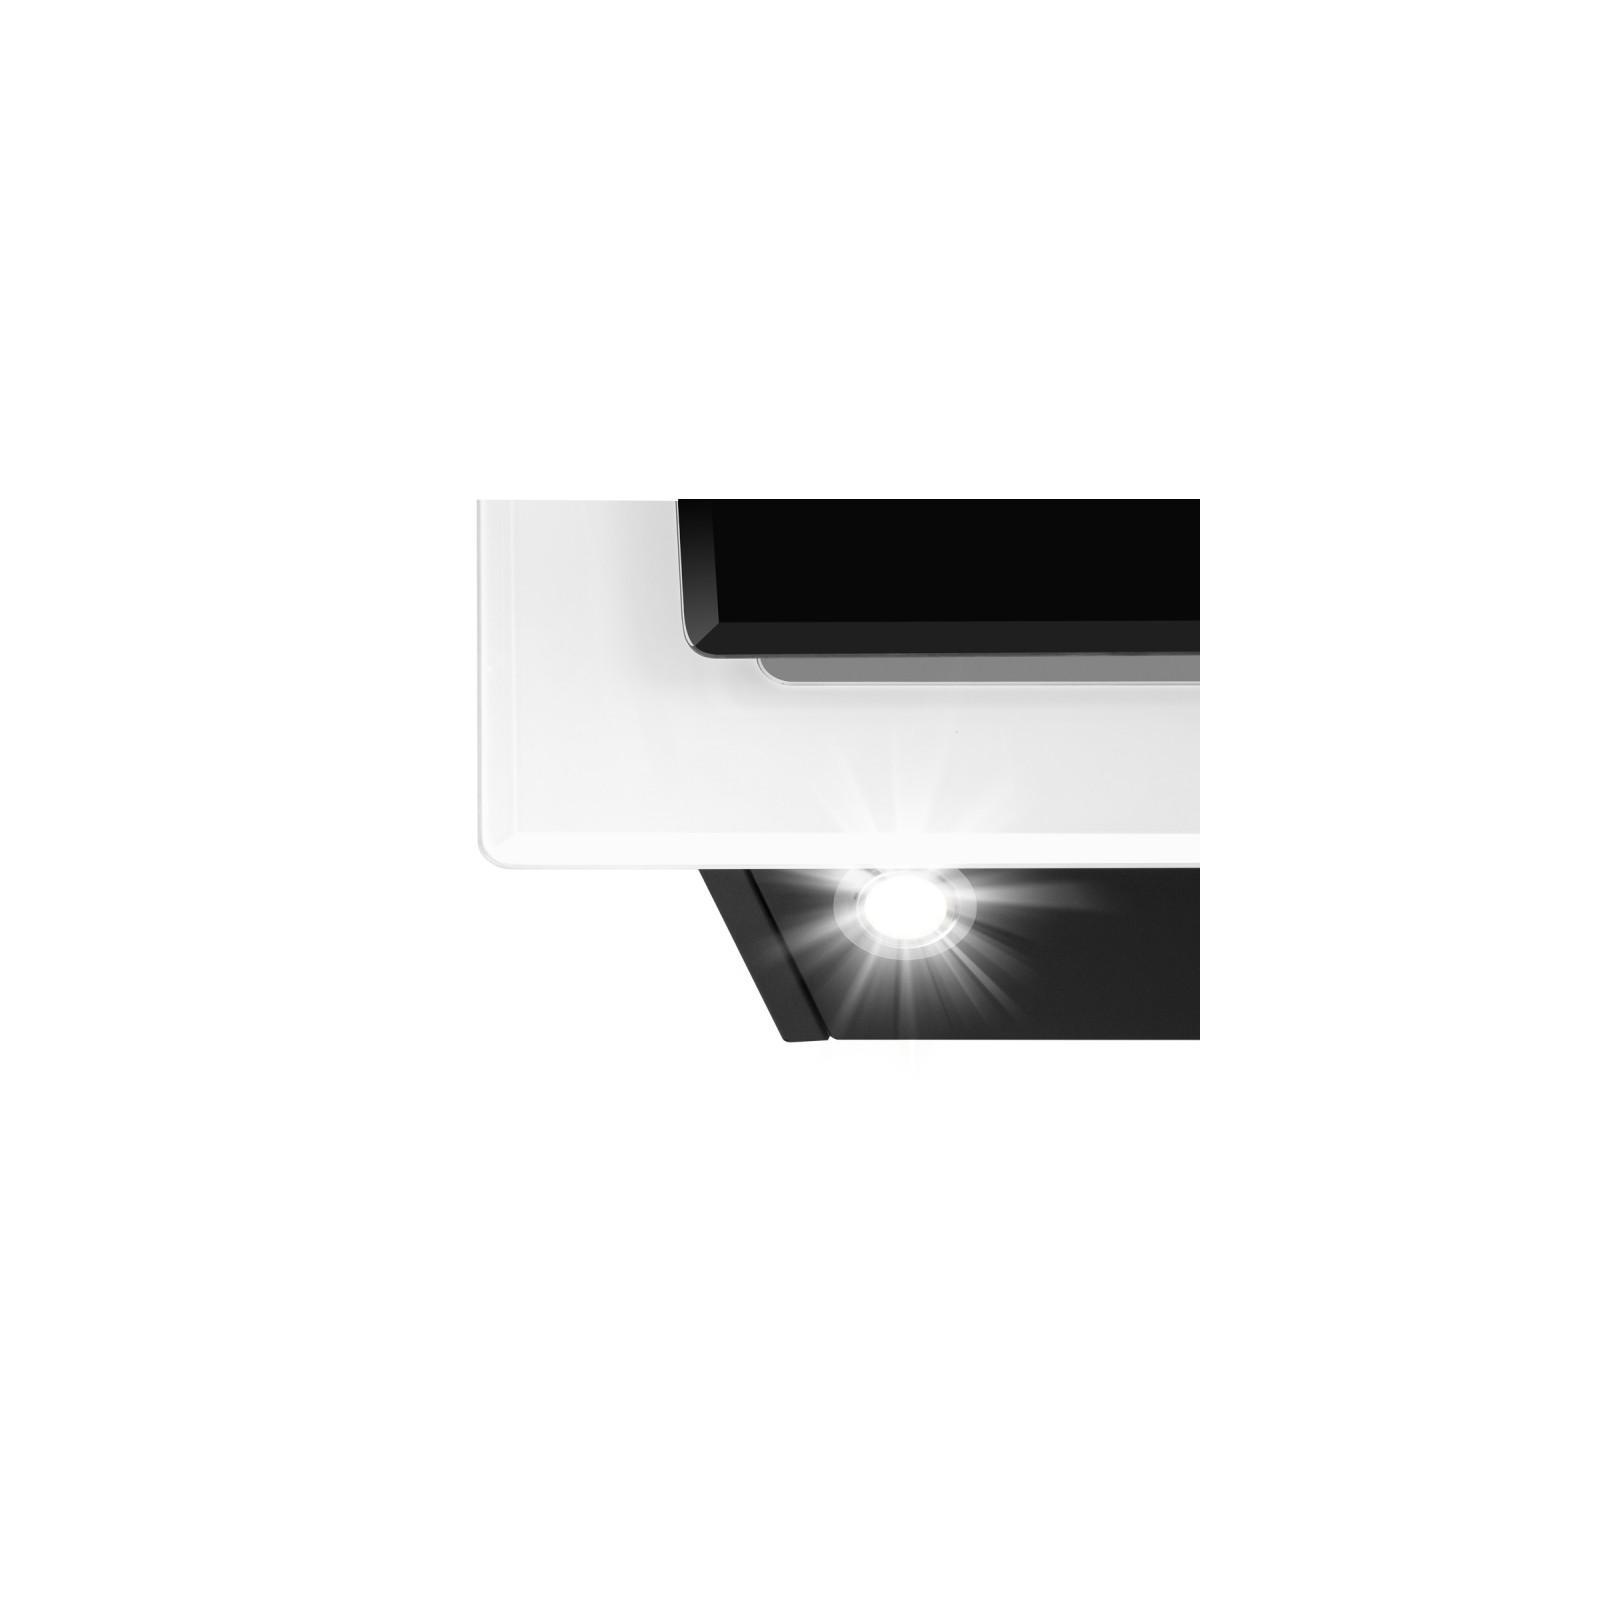 Вытяжка кухонная VENTOLUX FIJI 60 BK/WH (1000) TC IT изображение 5